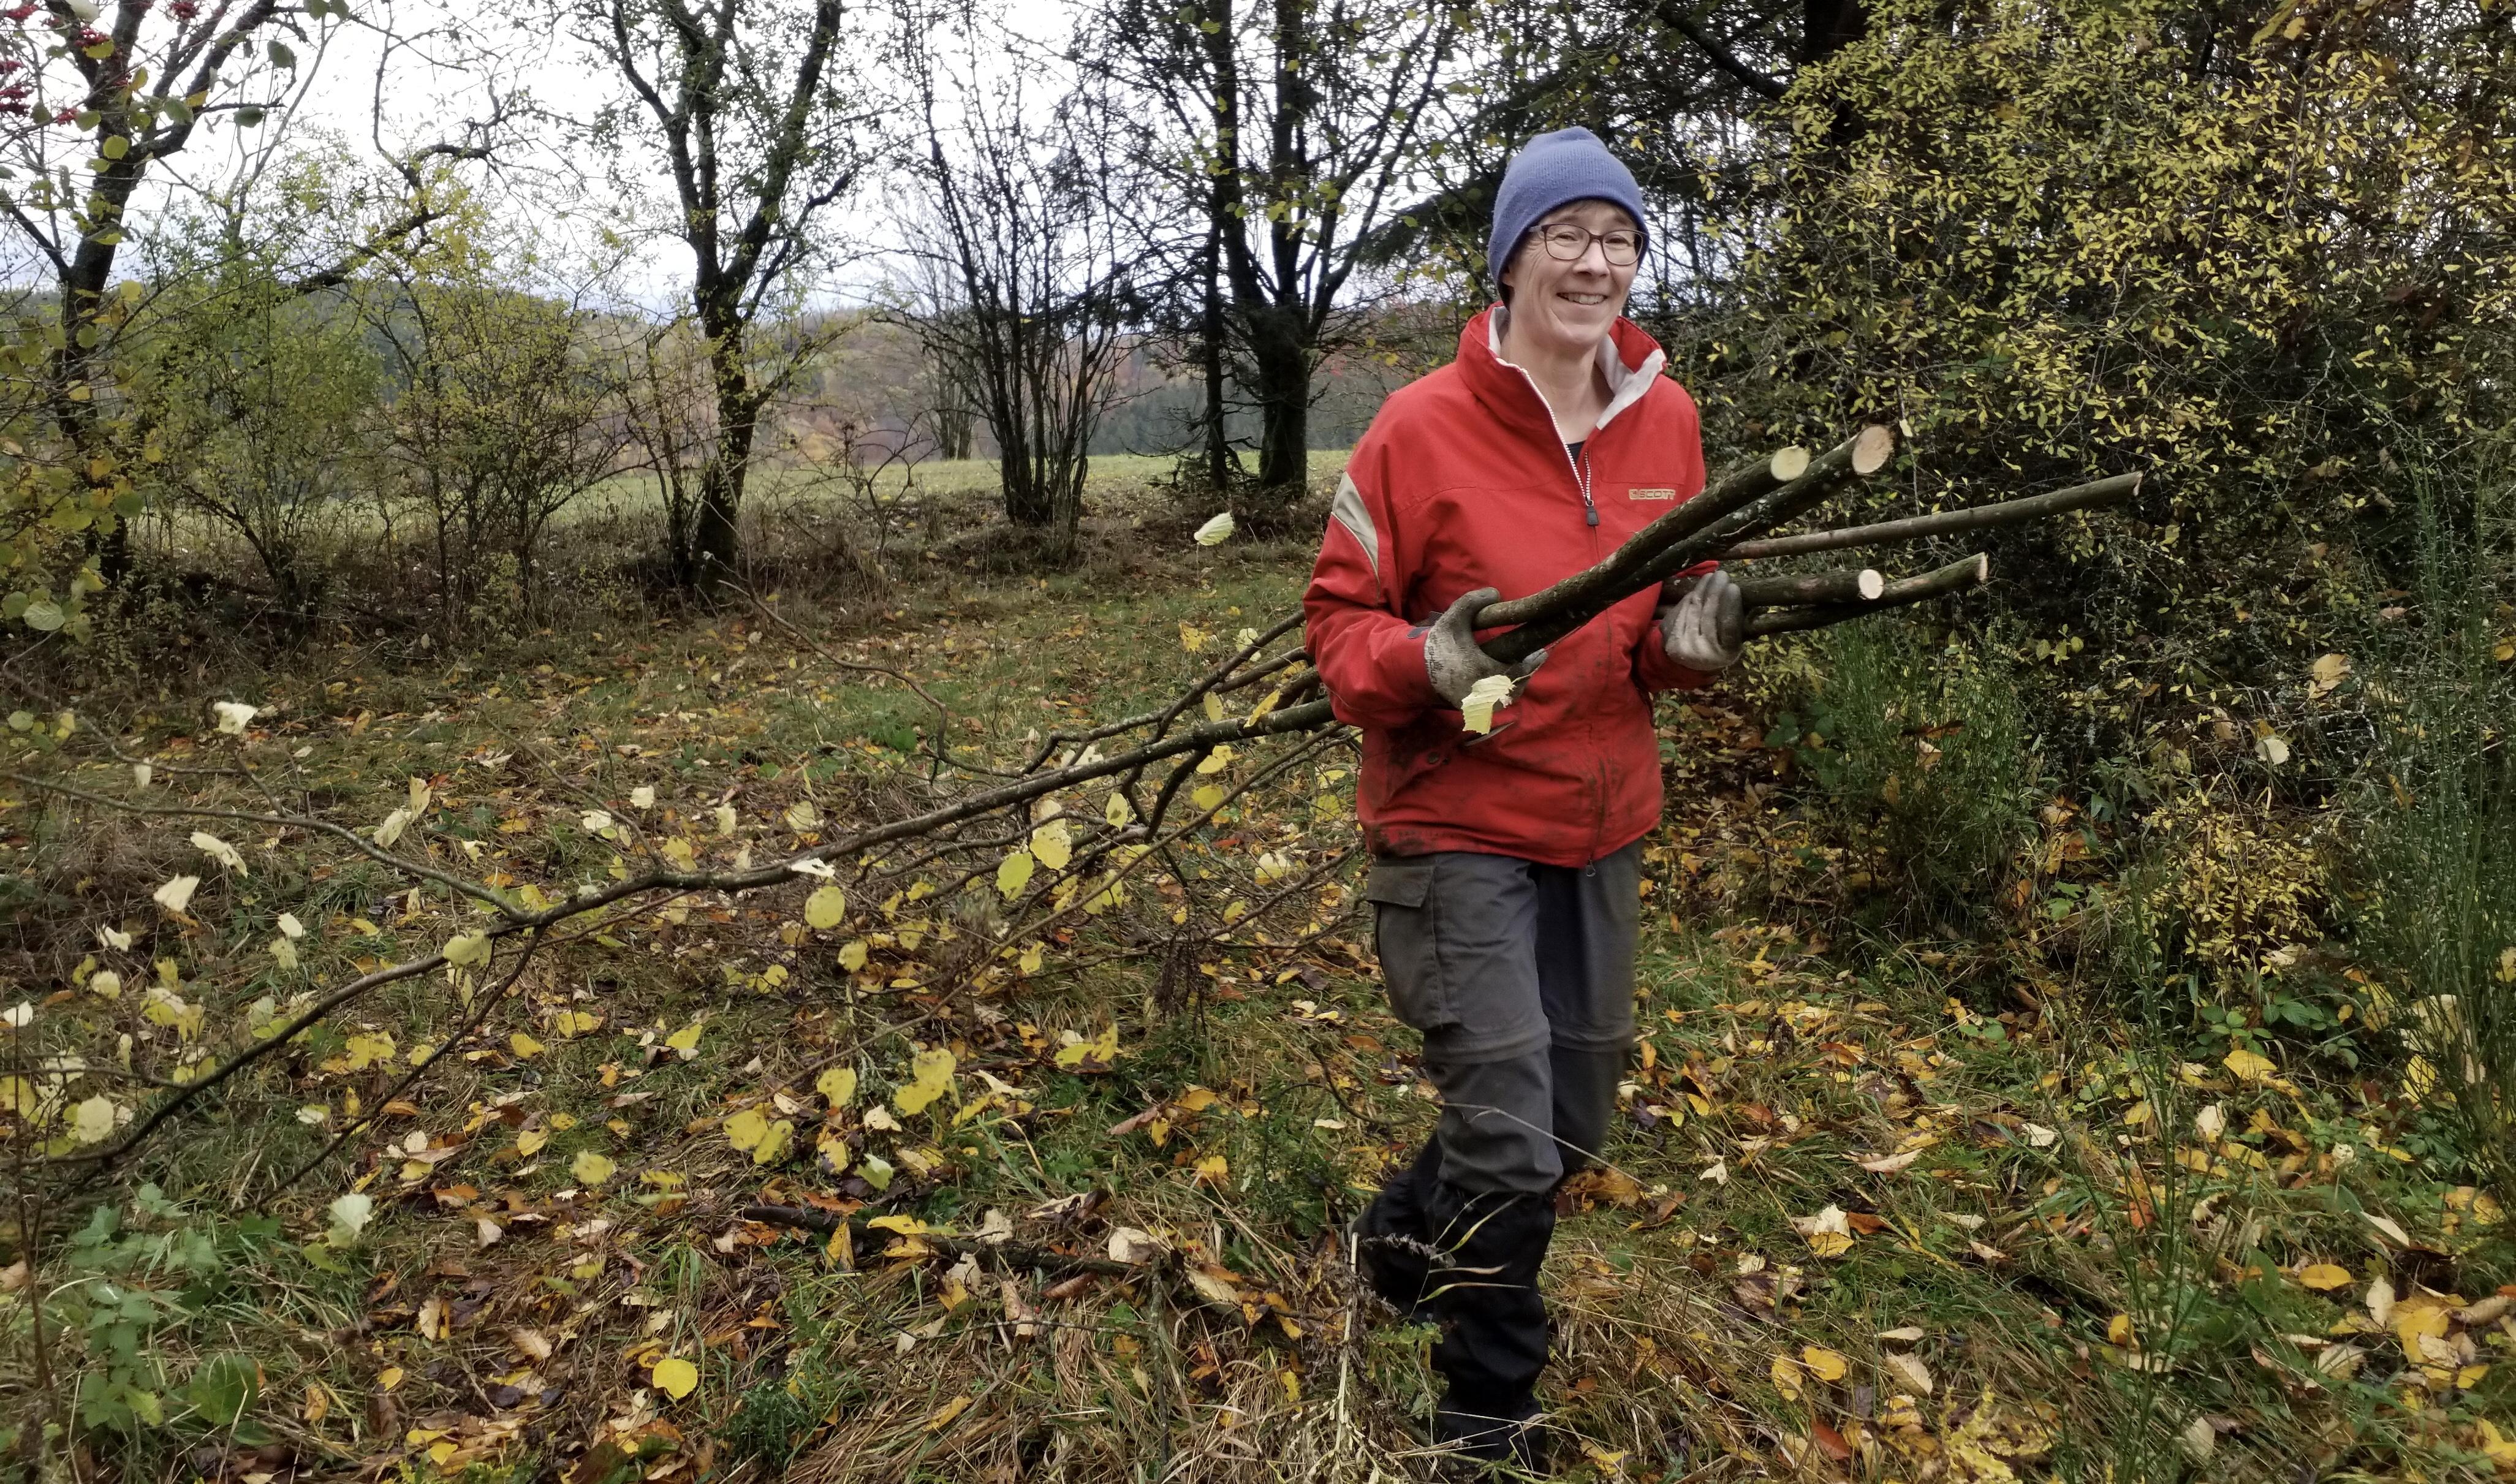 Pingenzugpflege ist Bodendenkmalpflege